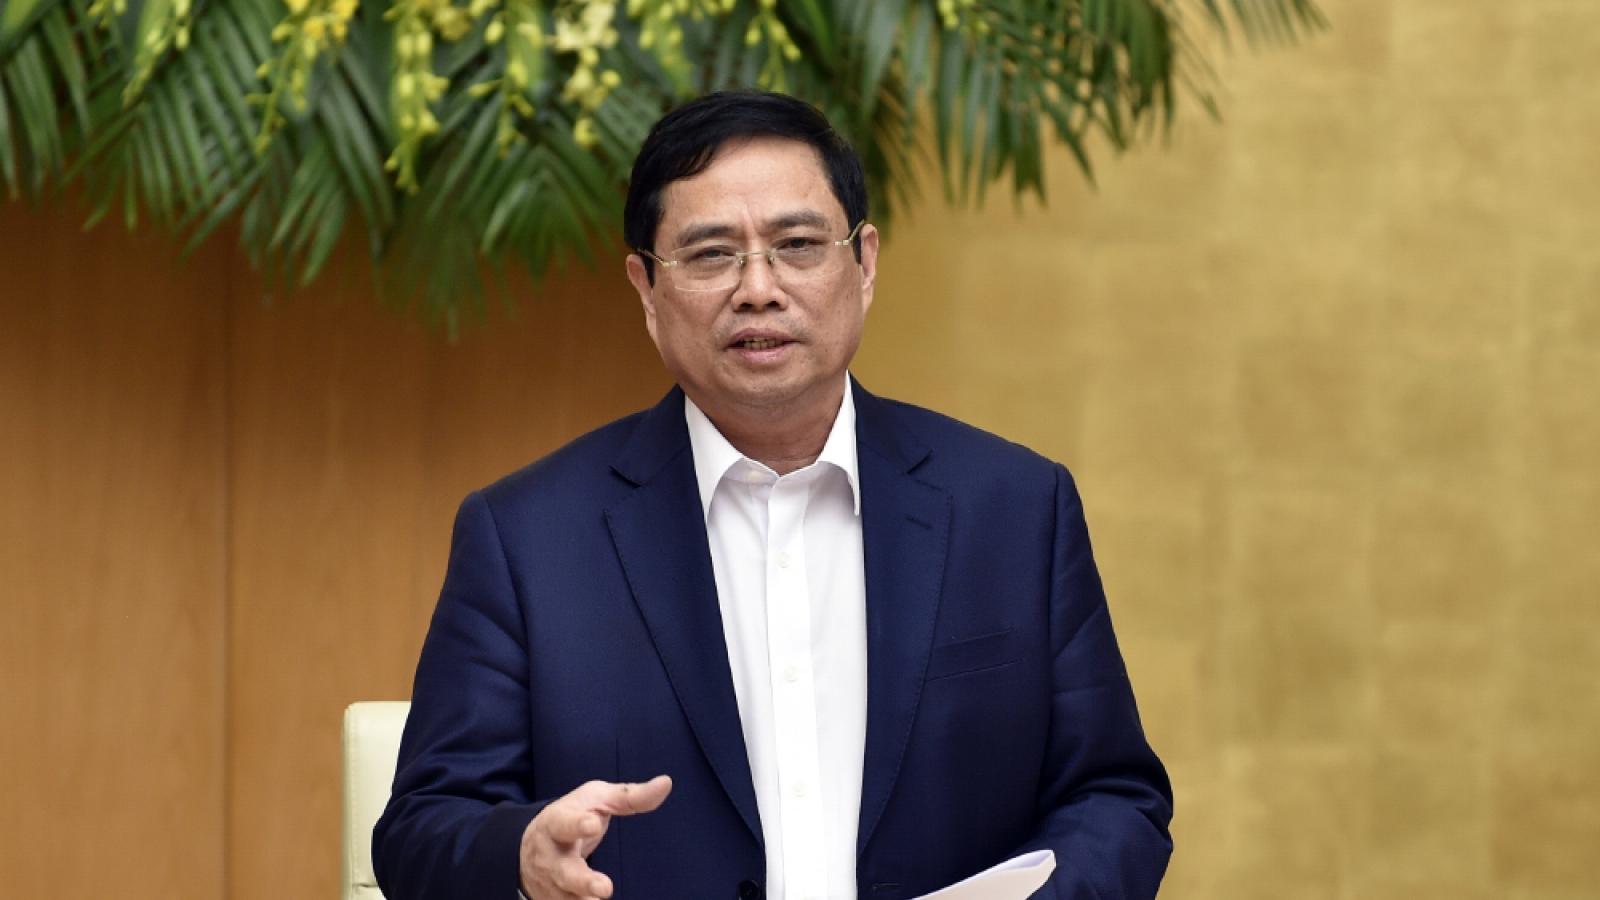 Thủ tướng Phạm Minh Chính yêu cầu đẩy nhanh tiến độ đầu tư công